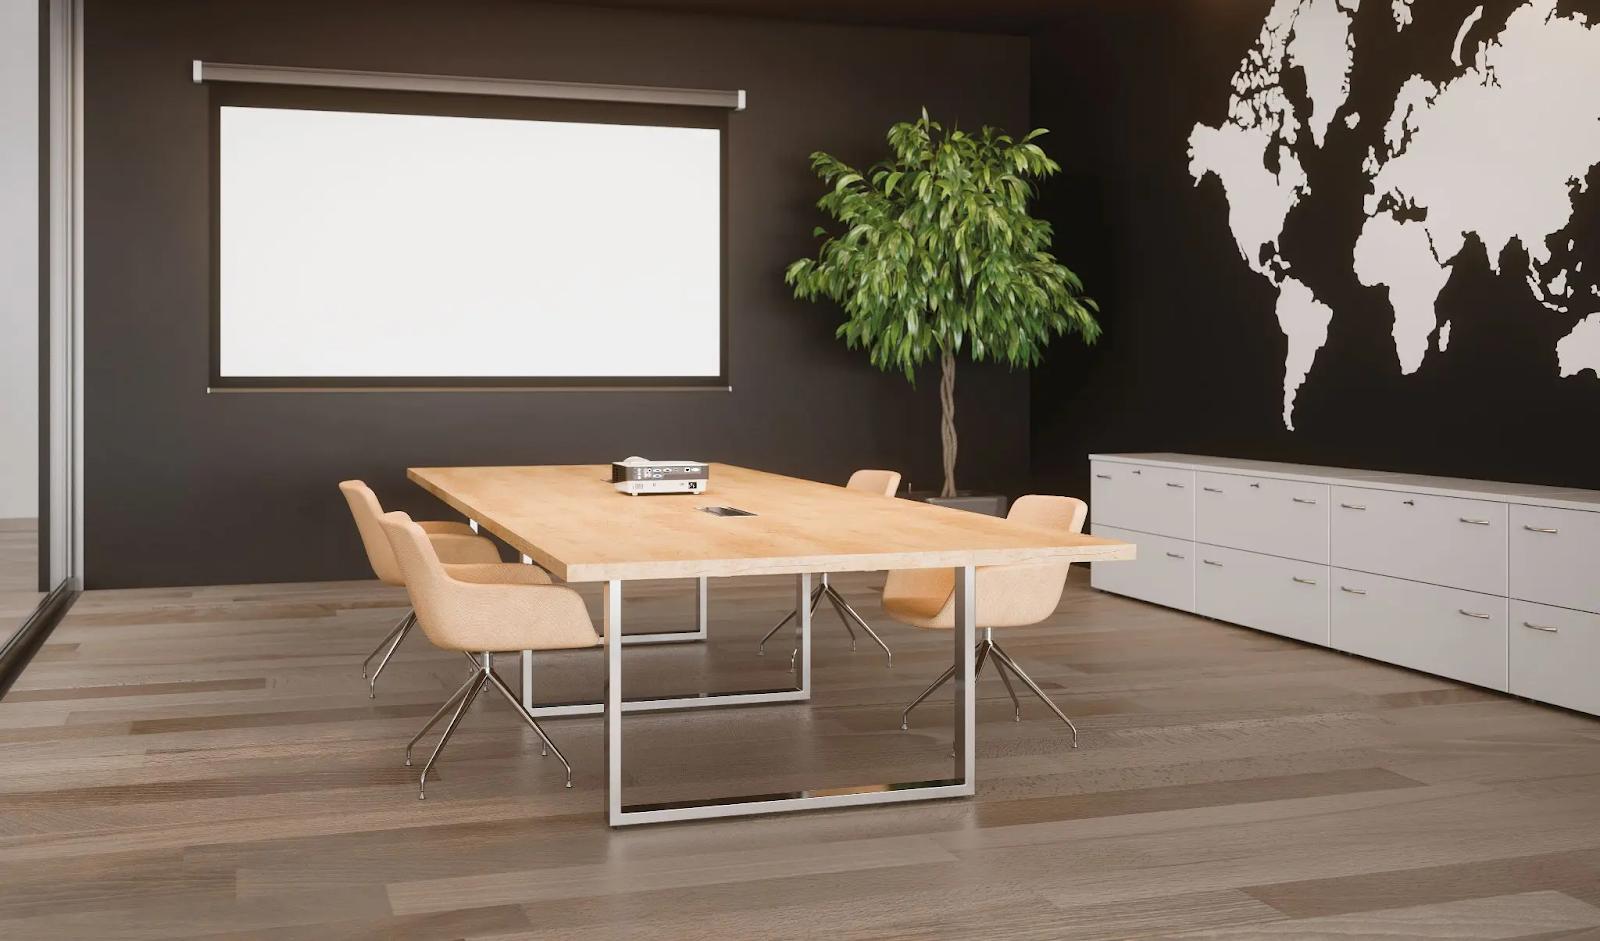 Exemple de salle de réunion au mobilier élégant et confortable